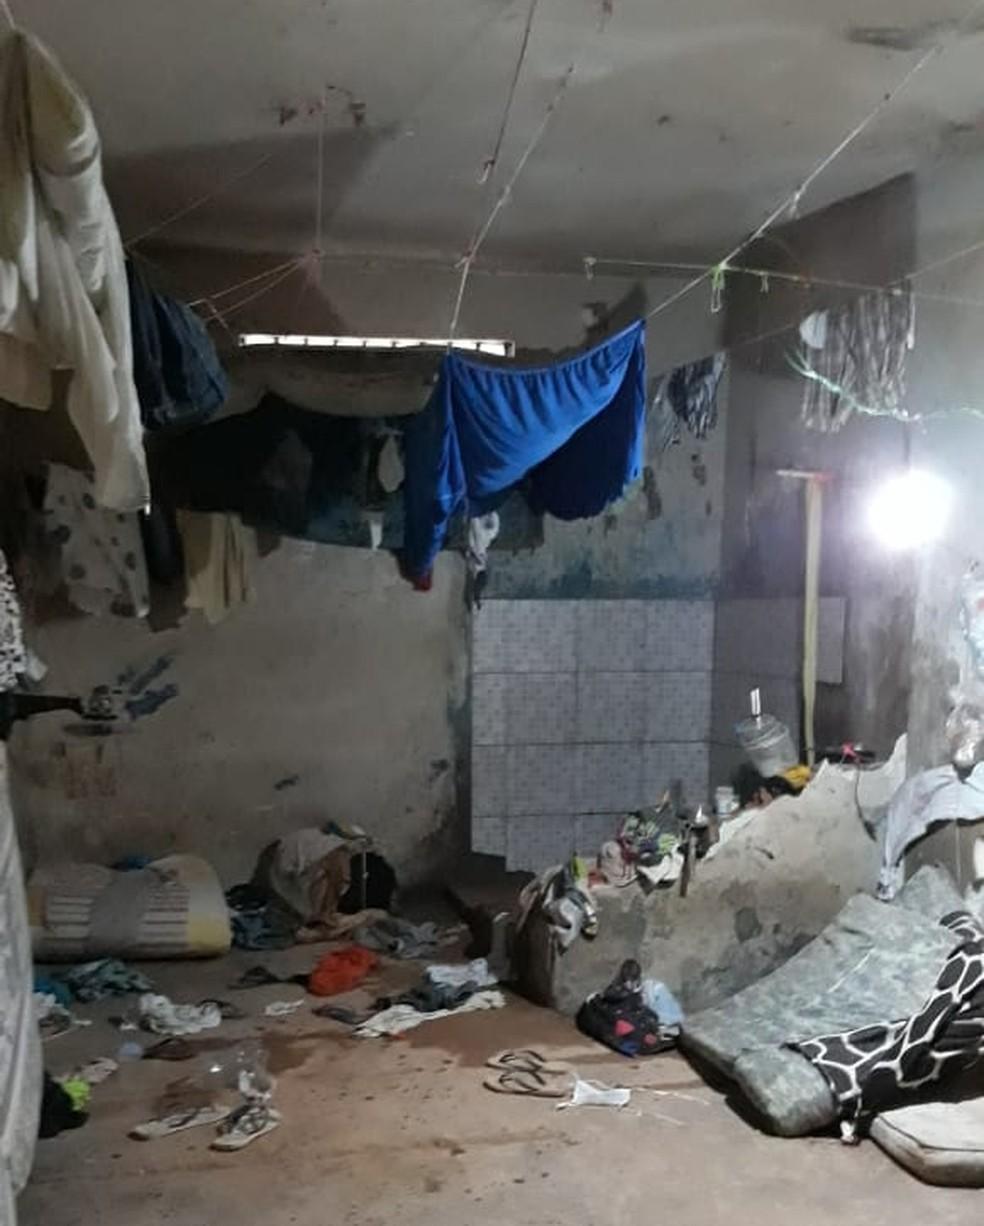 Detentos destroem celas e queimam colchões durante rebelião em presídio de Guajará-Mirim